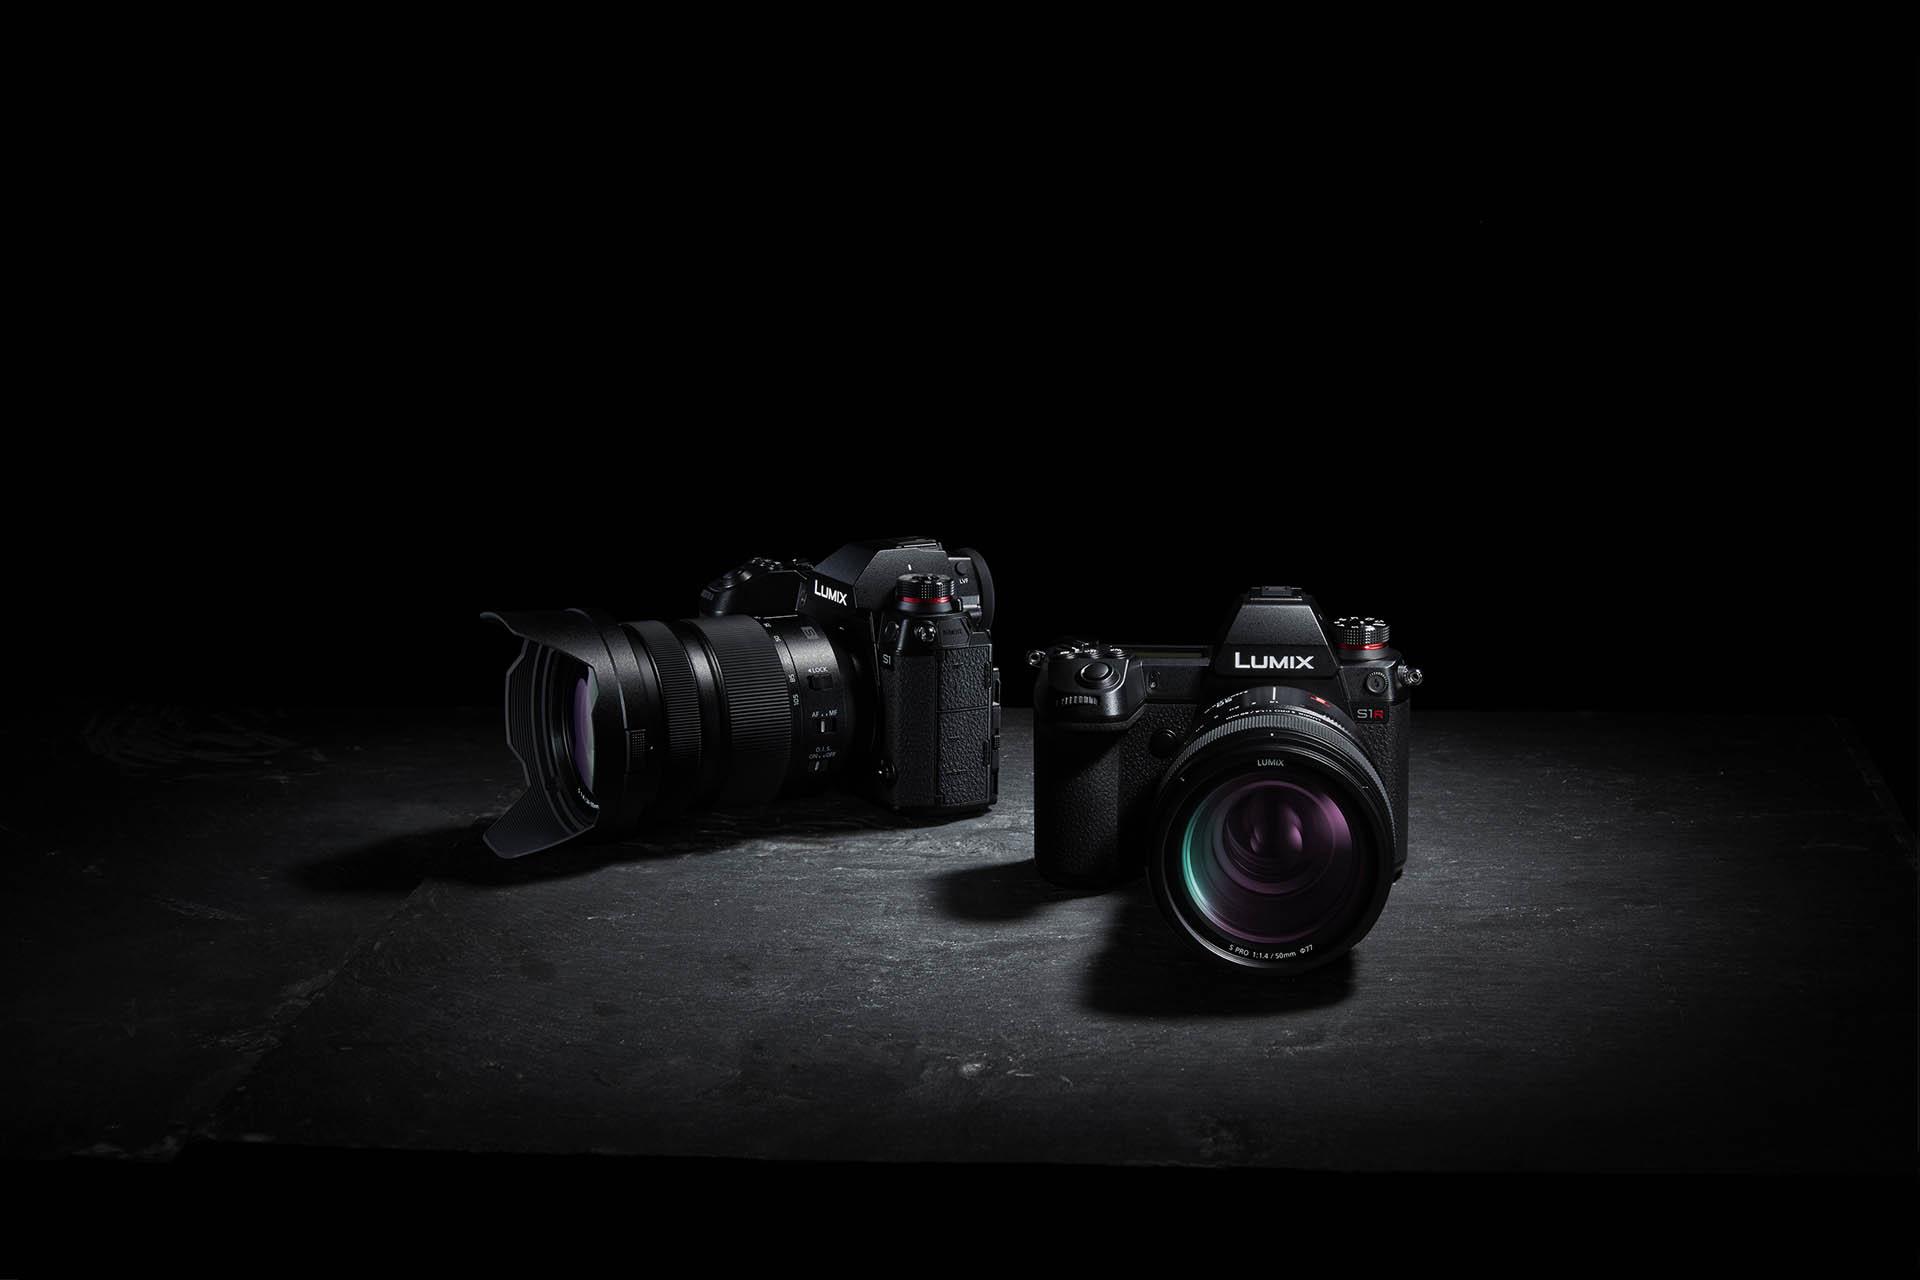 Panasonic LUMIX S1R and S1